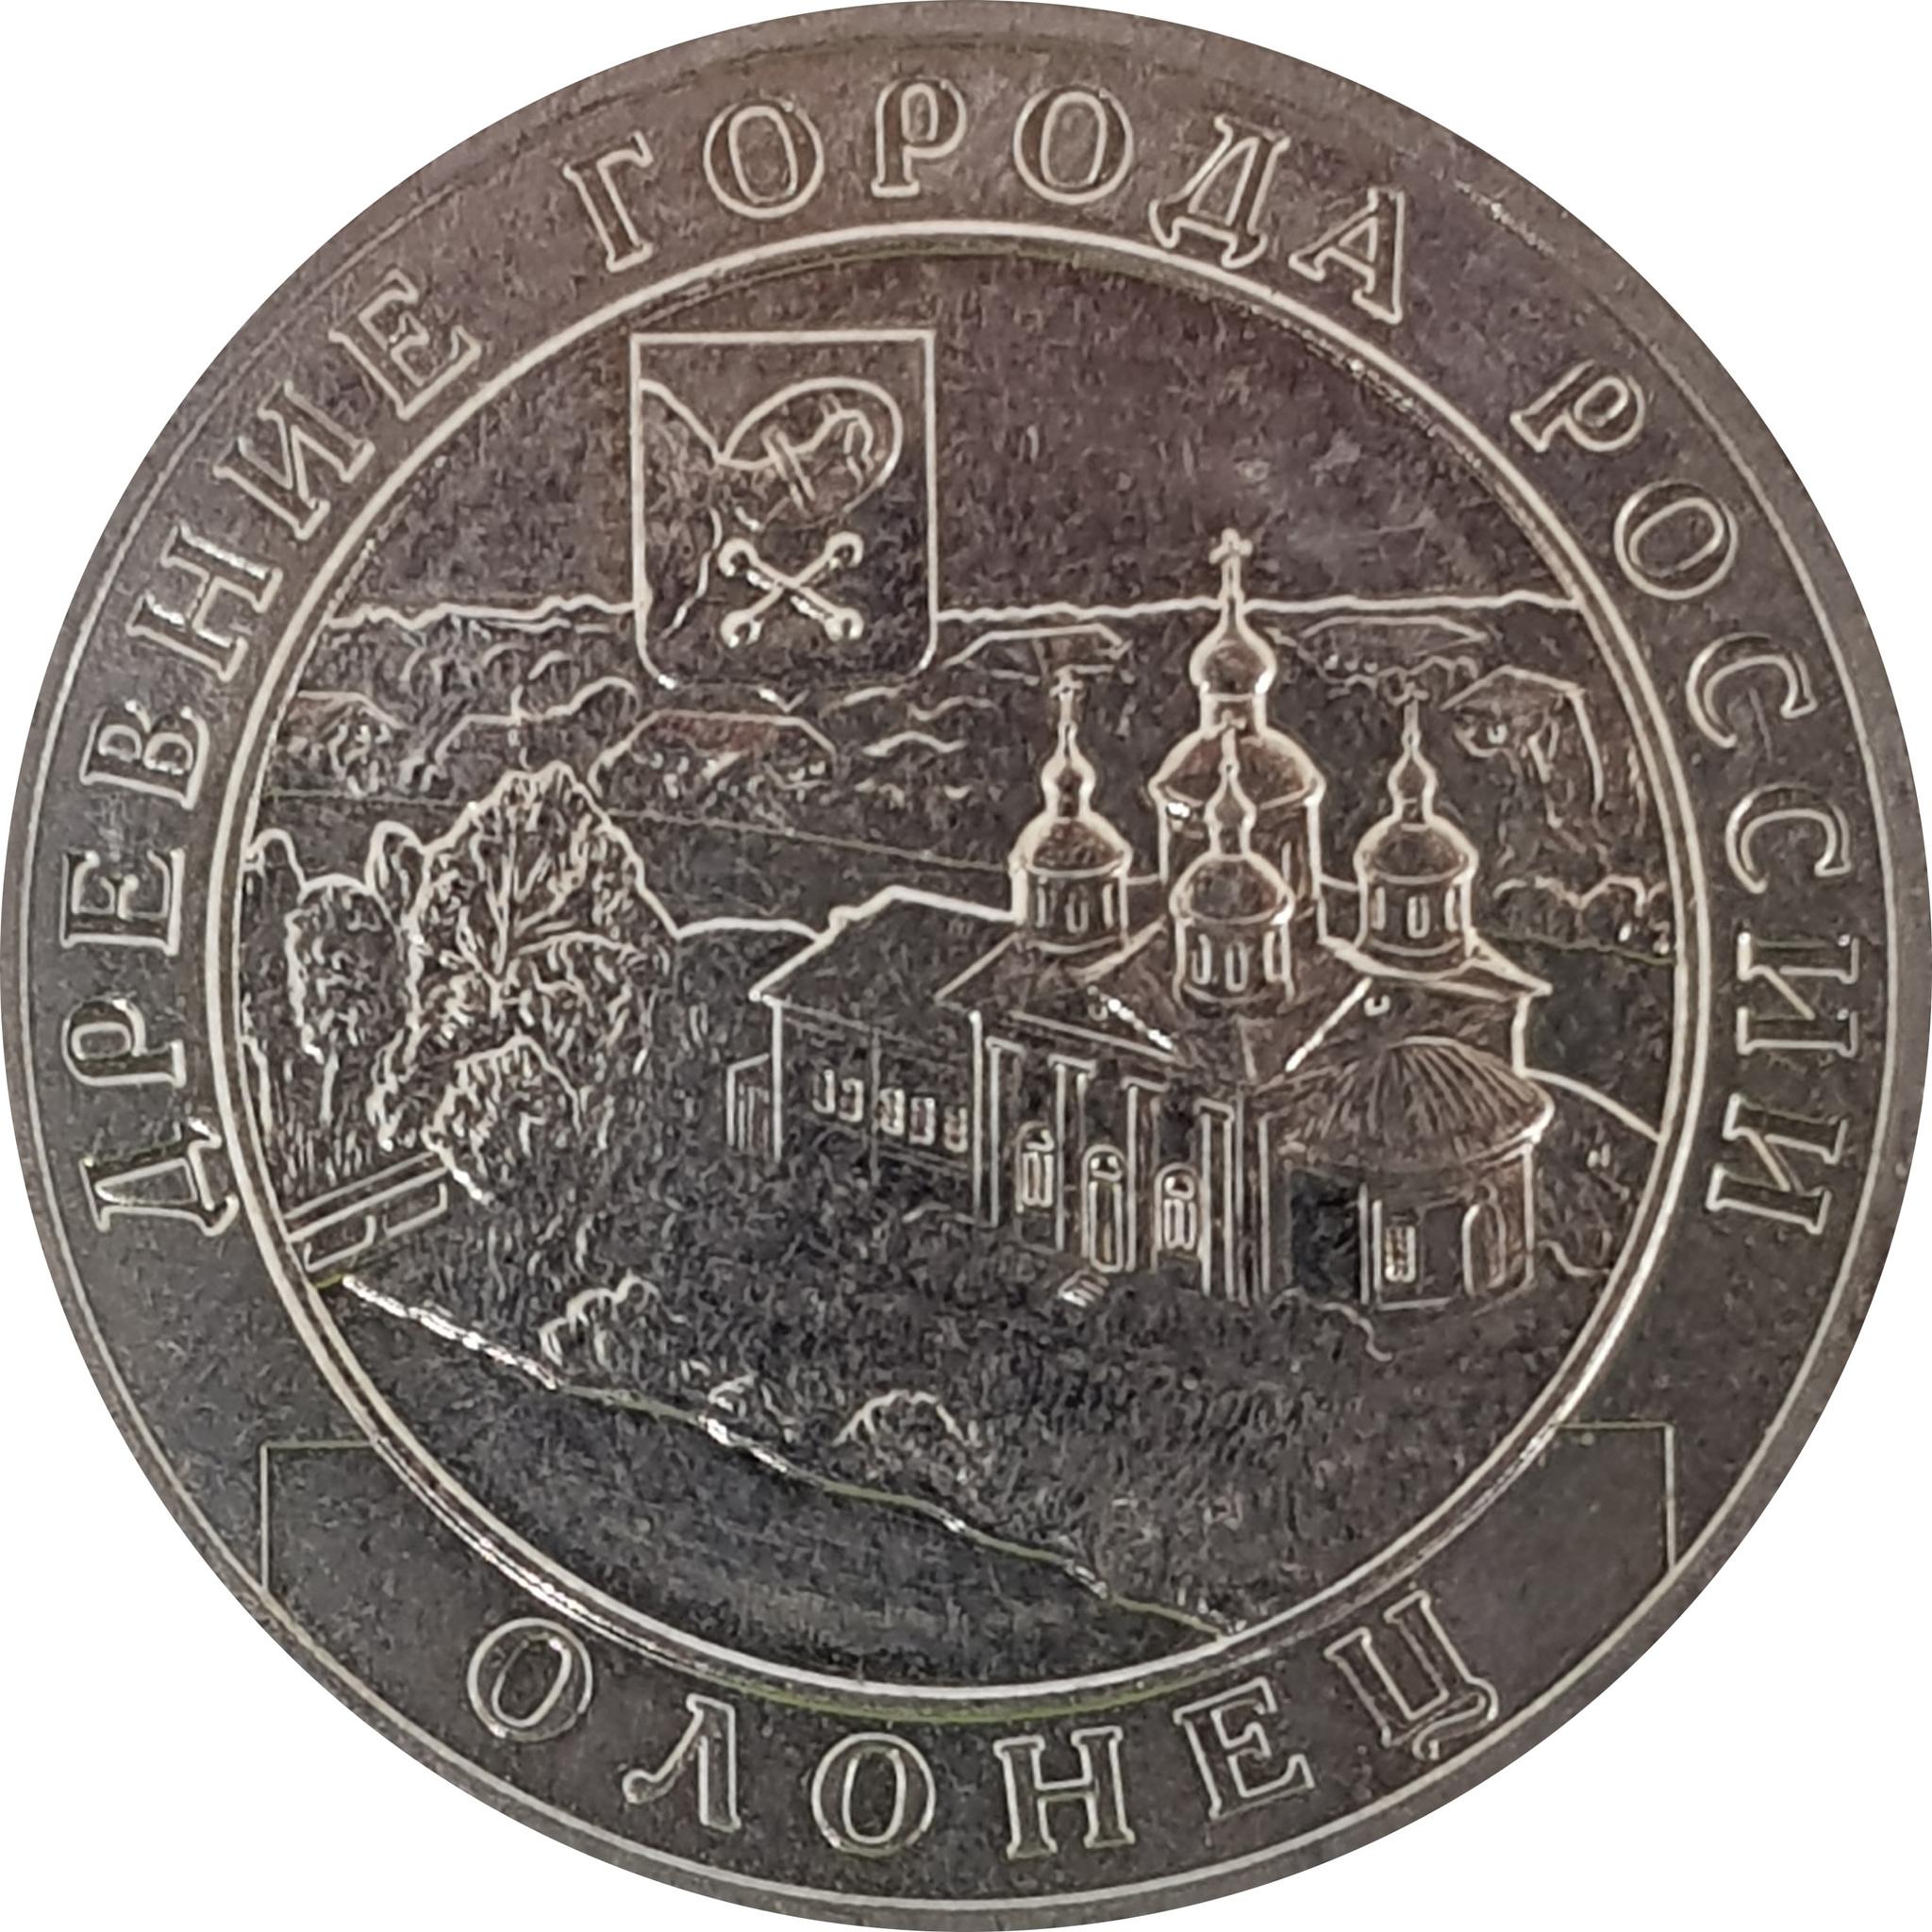 """10 рублей 2017 года """"Олонец"""". На заготовке от 25 рублей (брак)"""